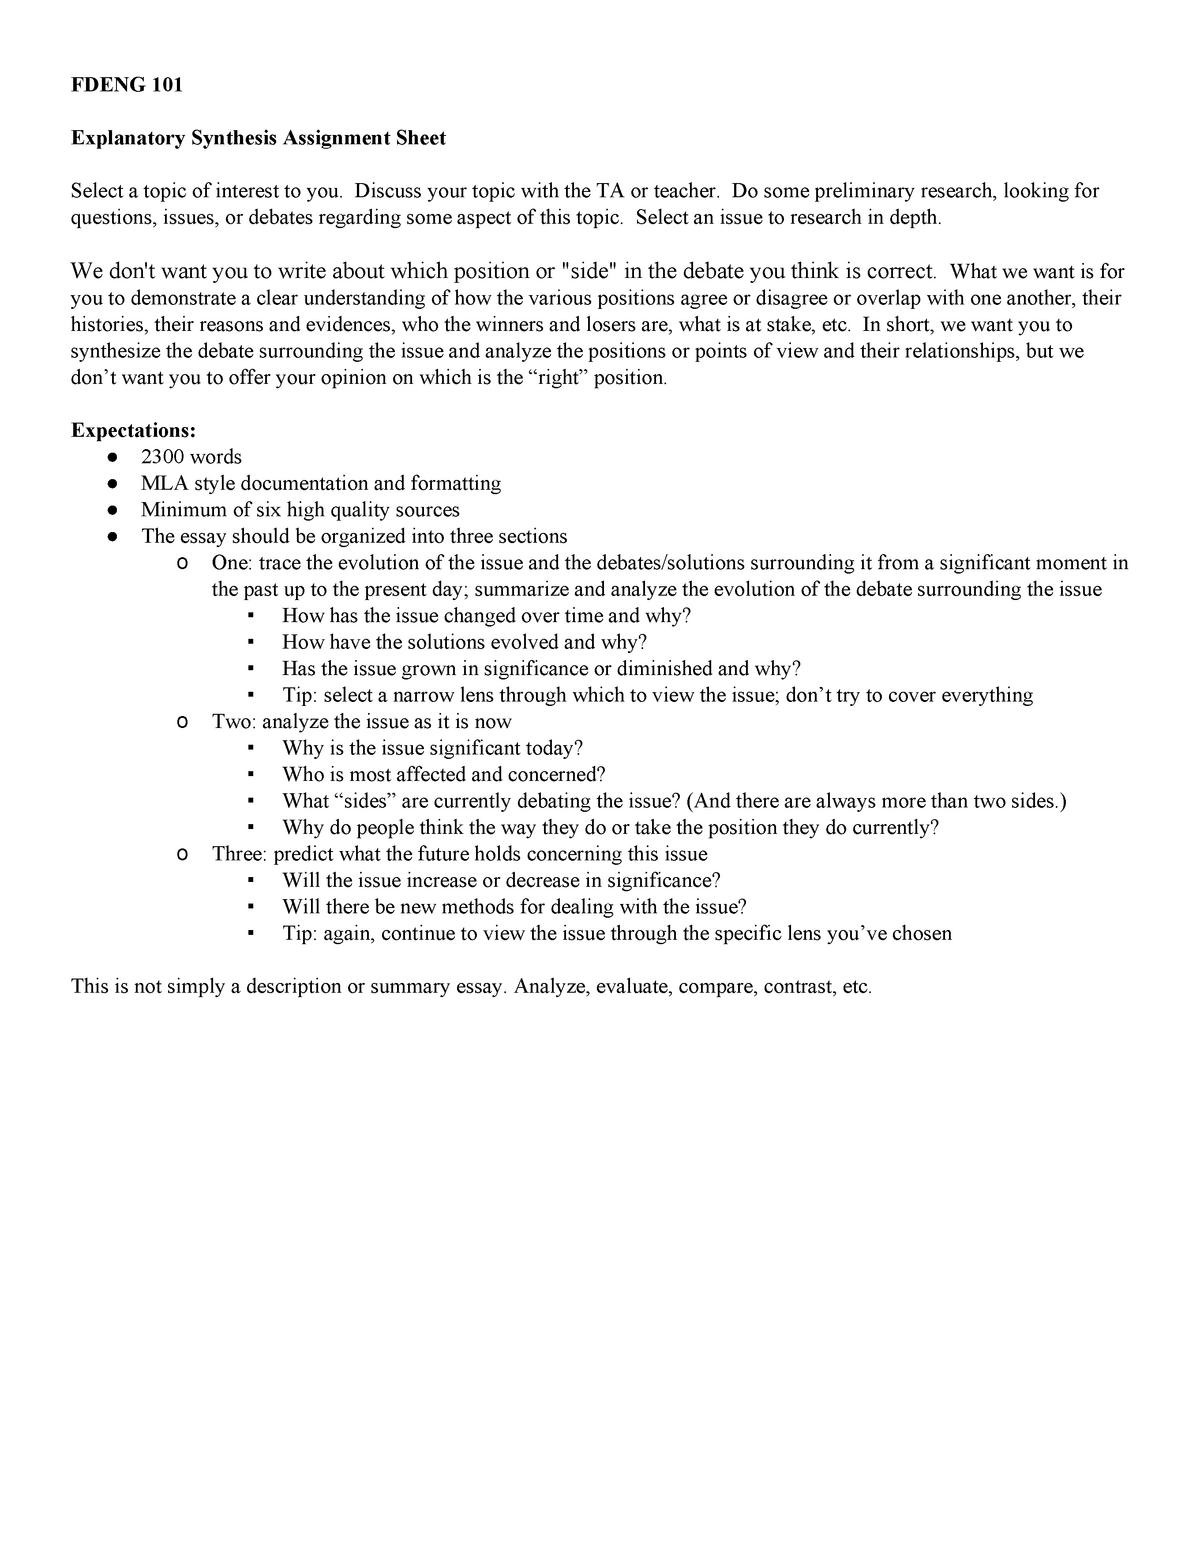 Pongo resume service